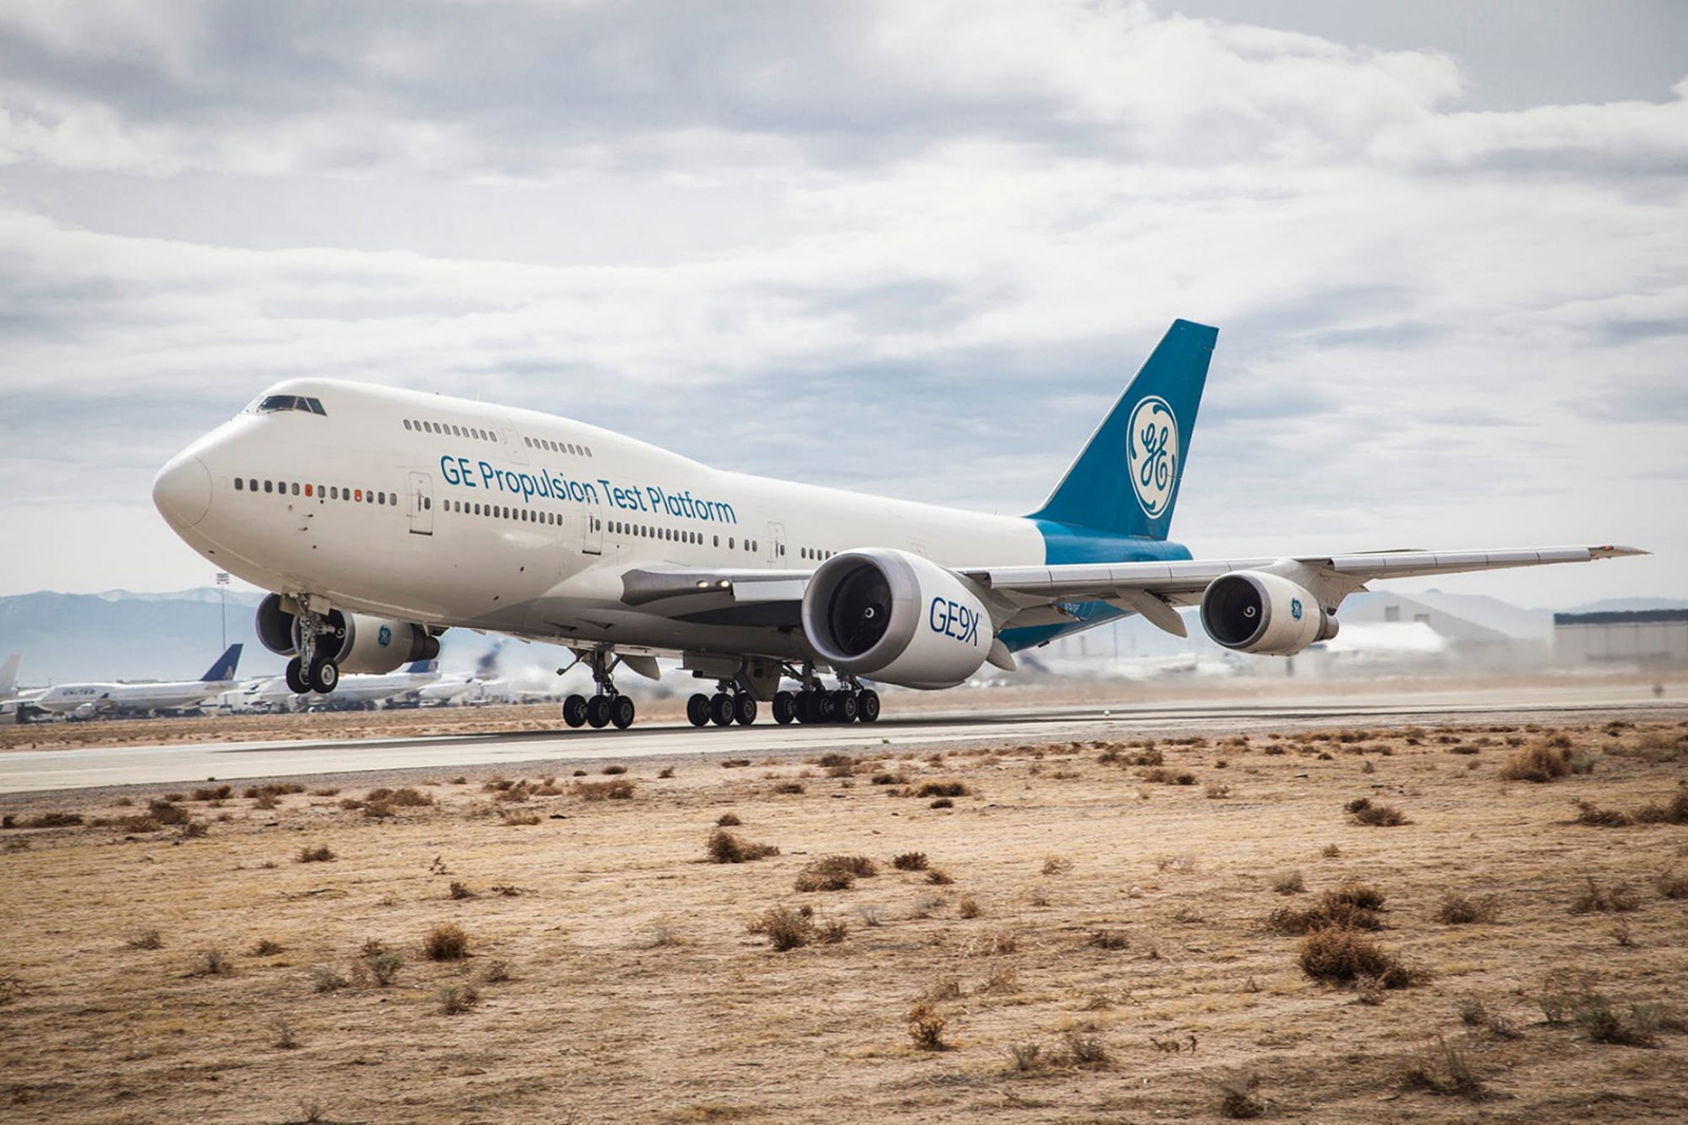 Världens största flygplansmotor testad